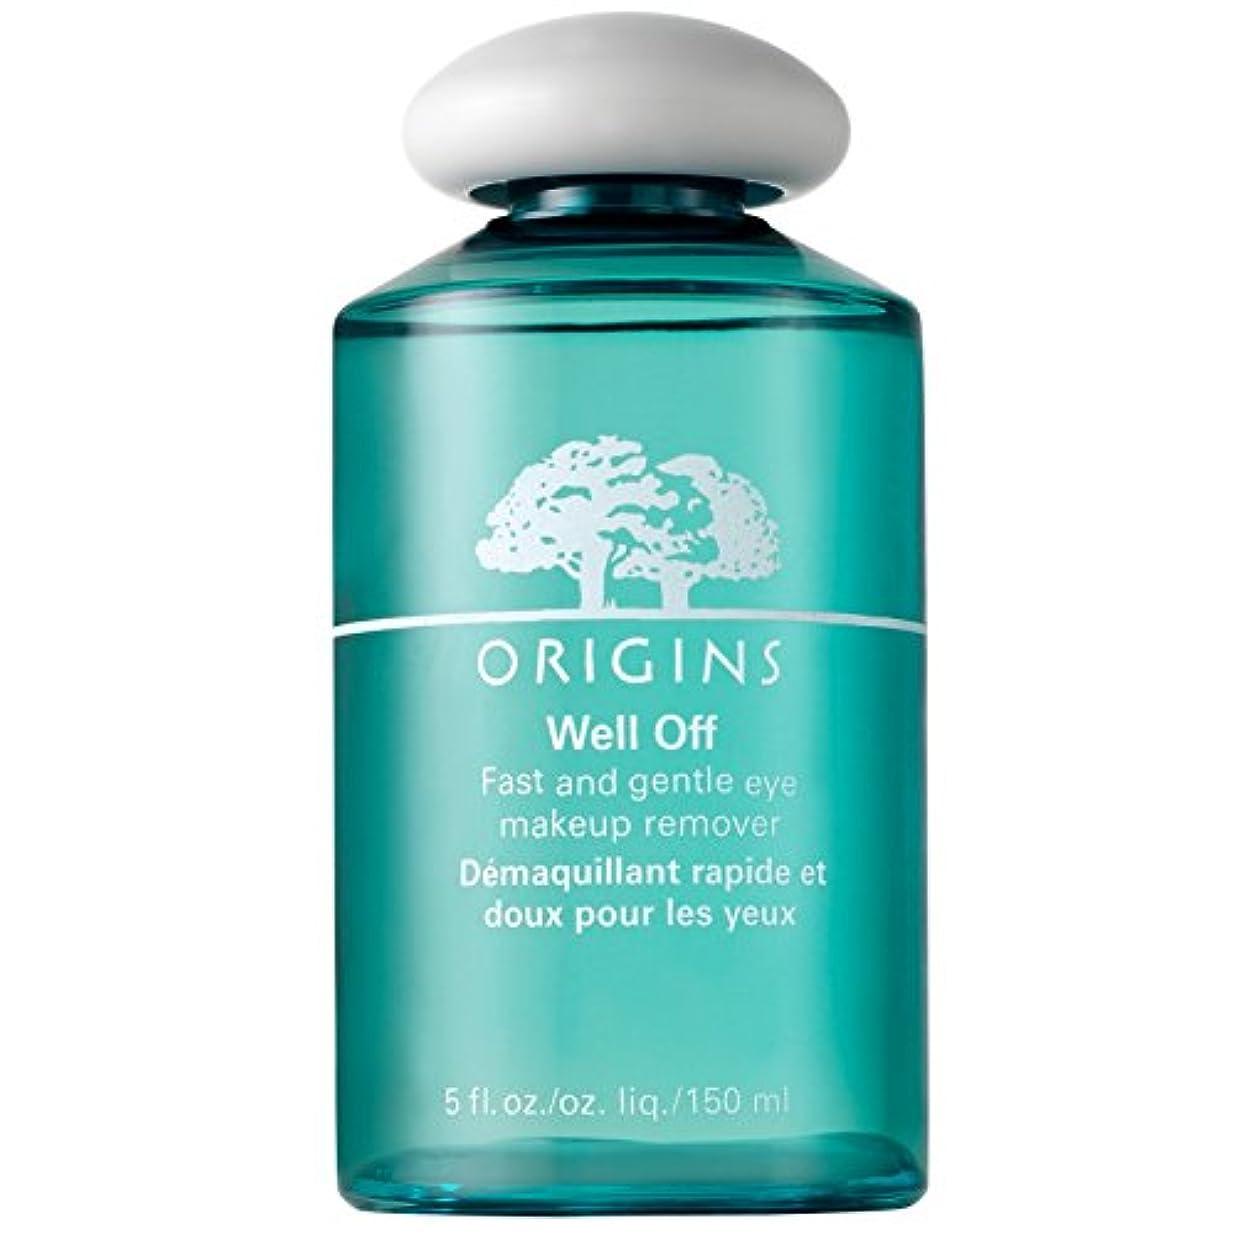 クリーム送る膿瘍よく迅速かつ穏やかなアイメイクリムーバー150ミリリットルOff?起源 (Origins) (x2) - Origins Well Off? Fast And Gentle Eye Makeup Remover 150ml...